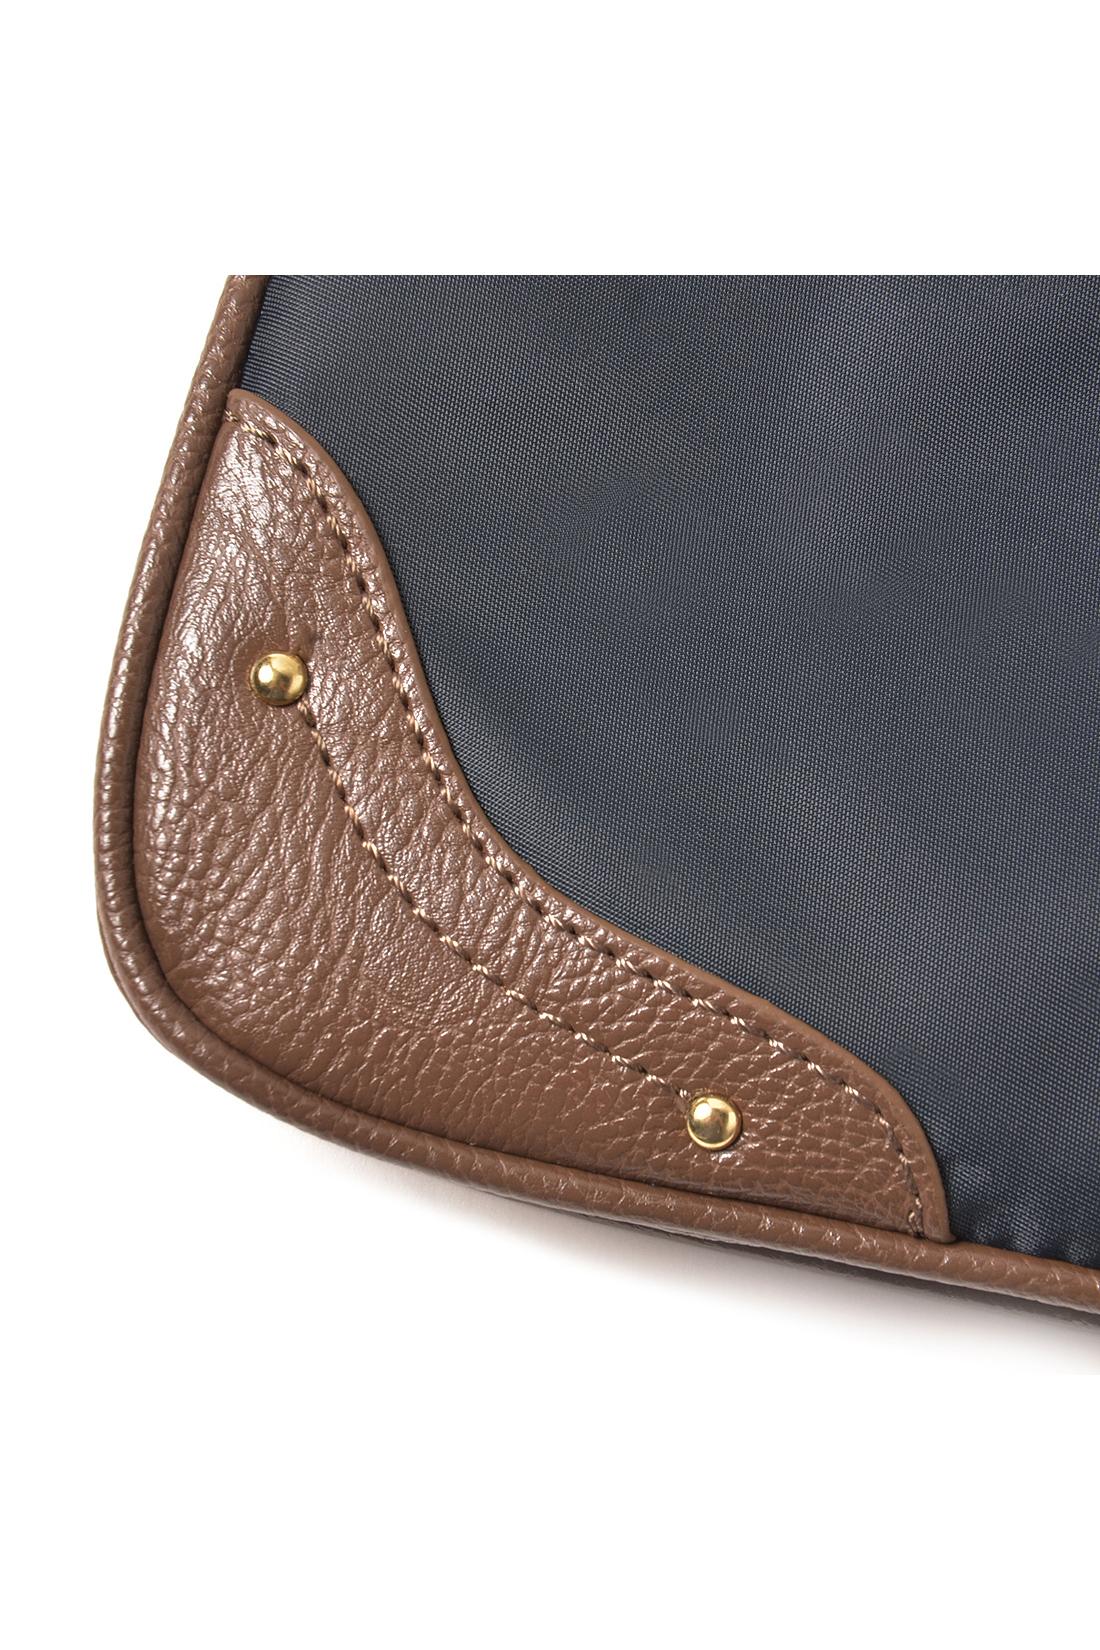 ナイロンと合皮のバイカラーデザイン。計量で、汚れもサッとふき取ればOK。